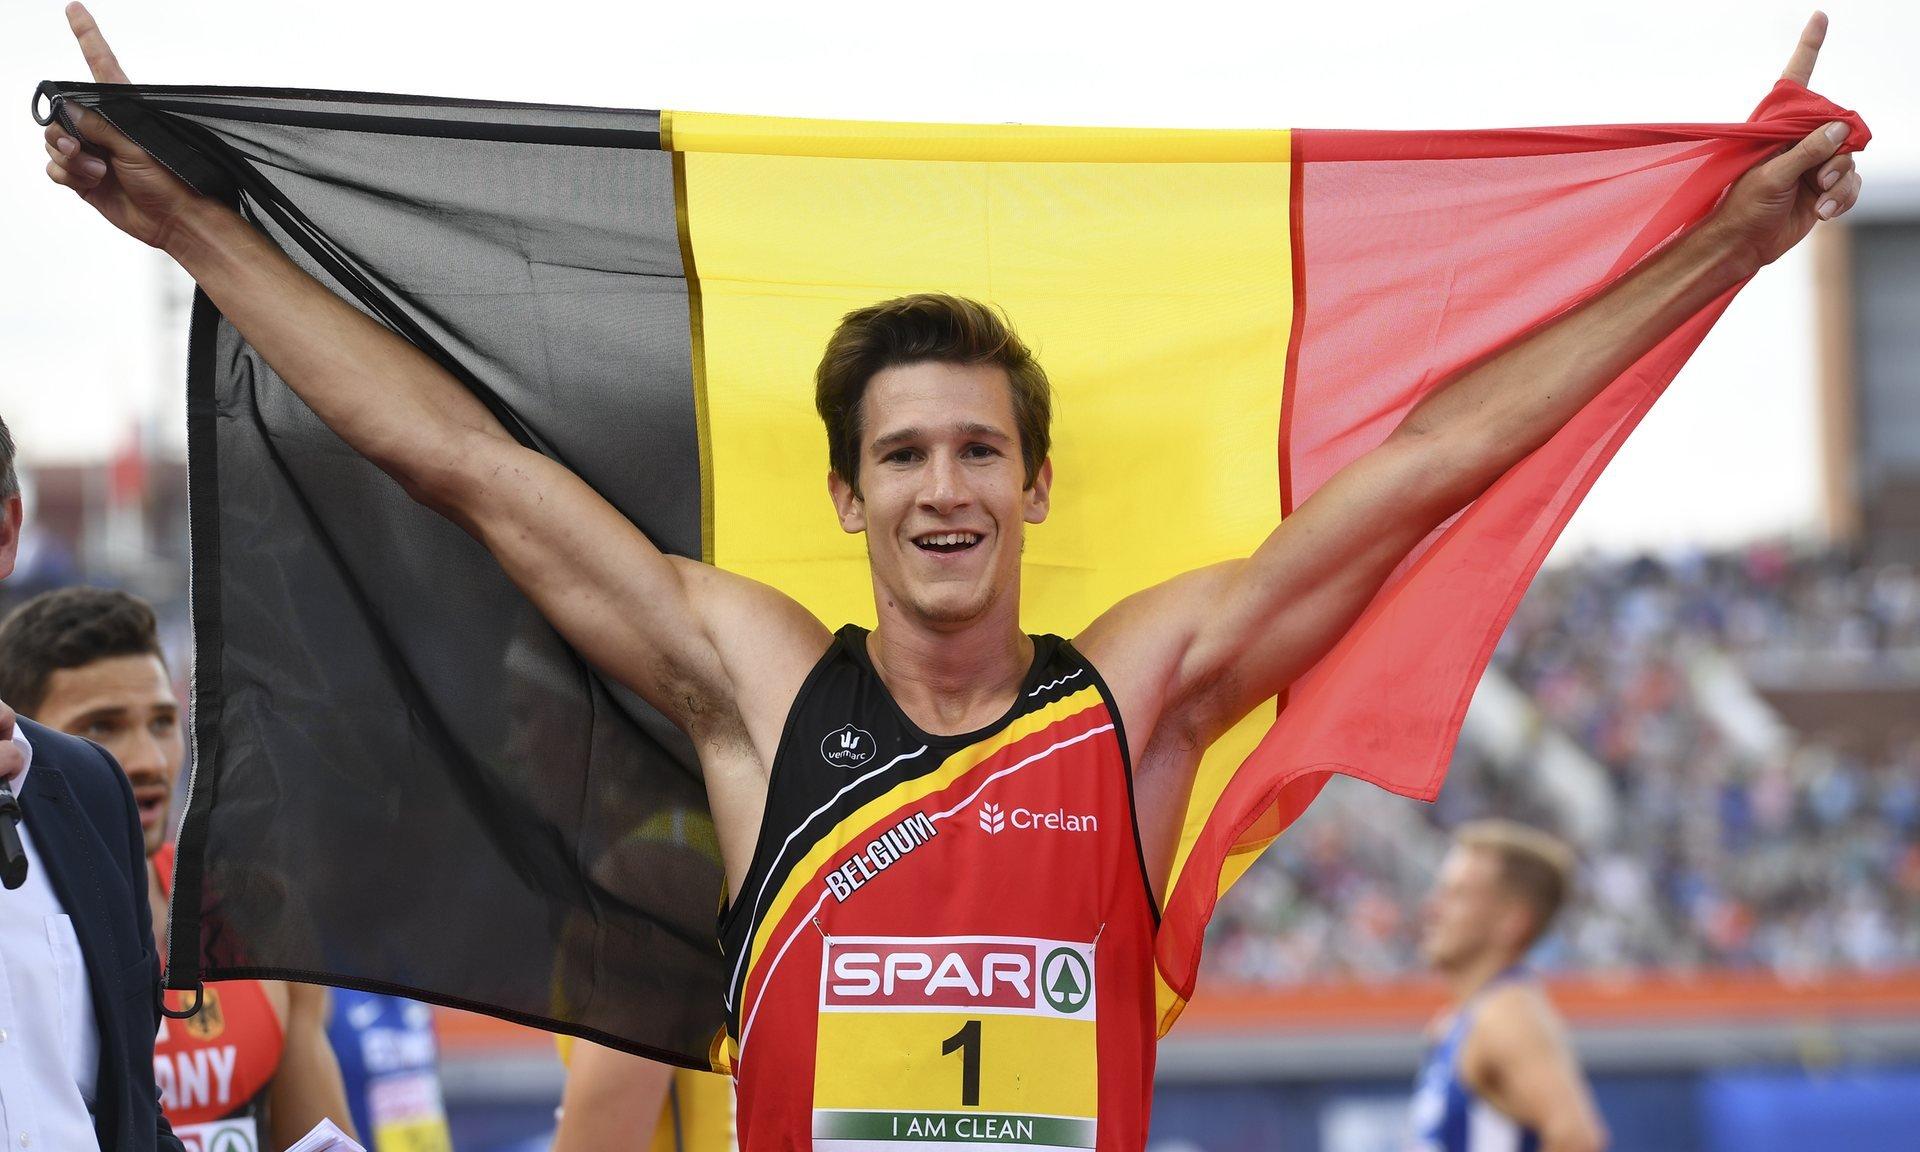 Бельгийский десятиборец победил рак и поехал на Олимпийские игры в Рио